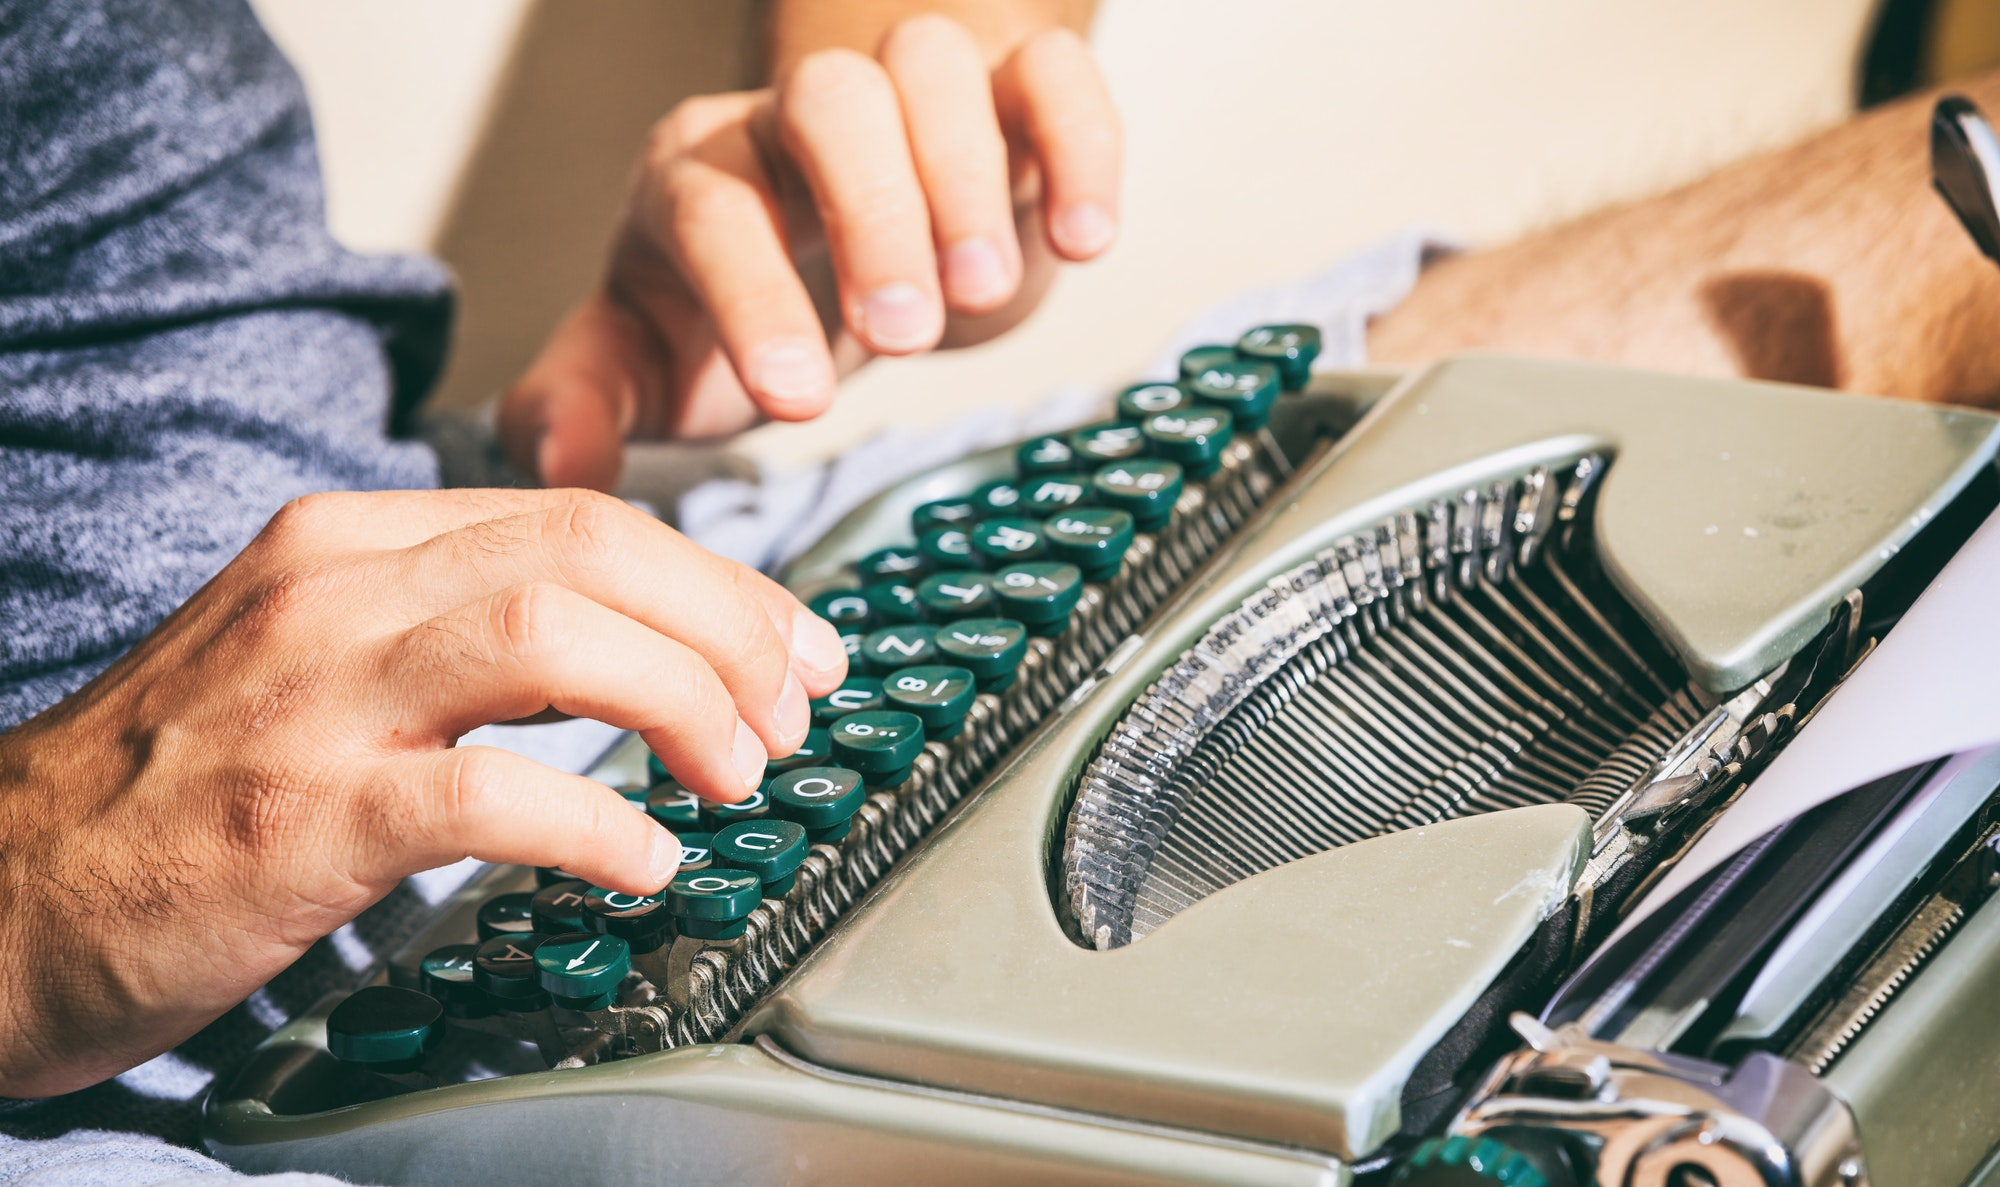 Man hands typing on a vintage typewriter.